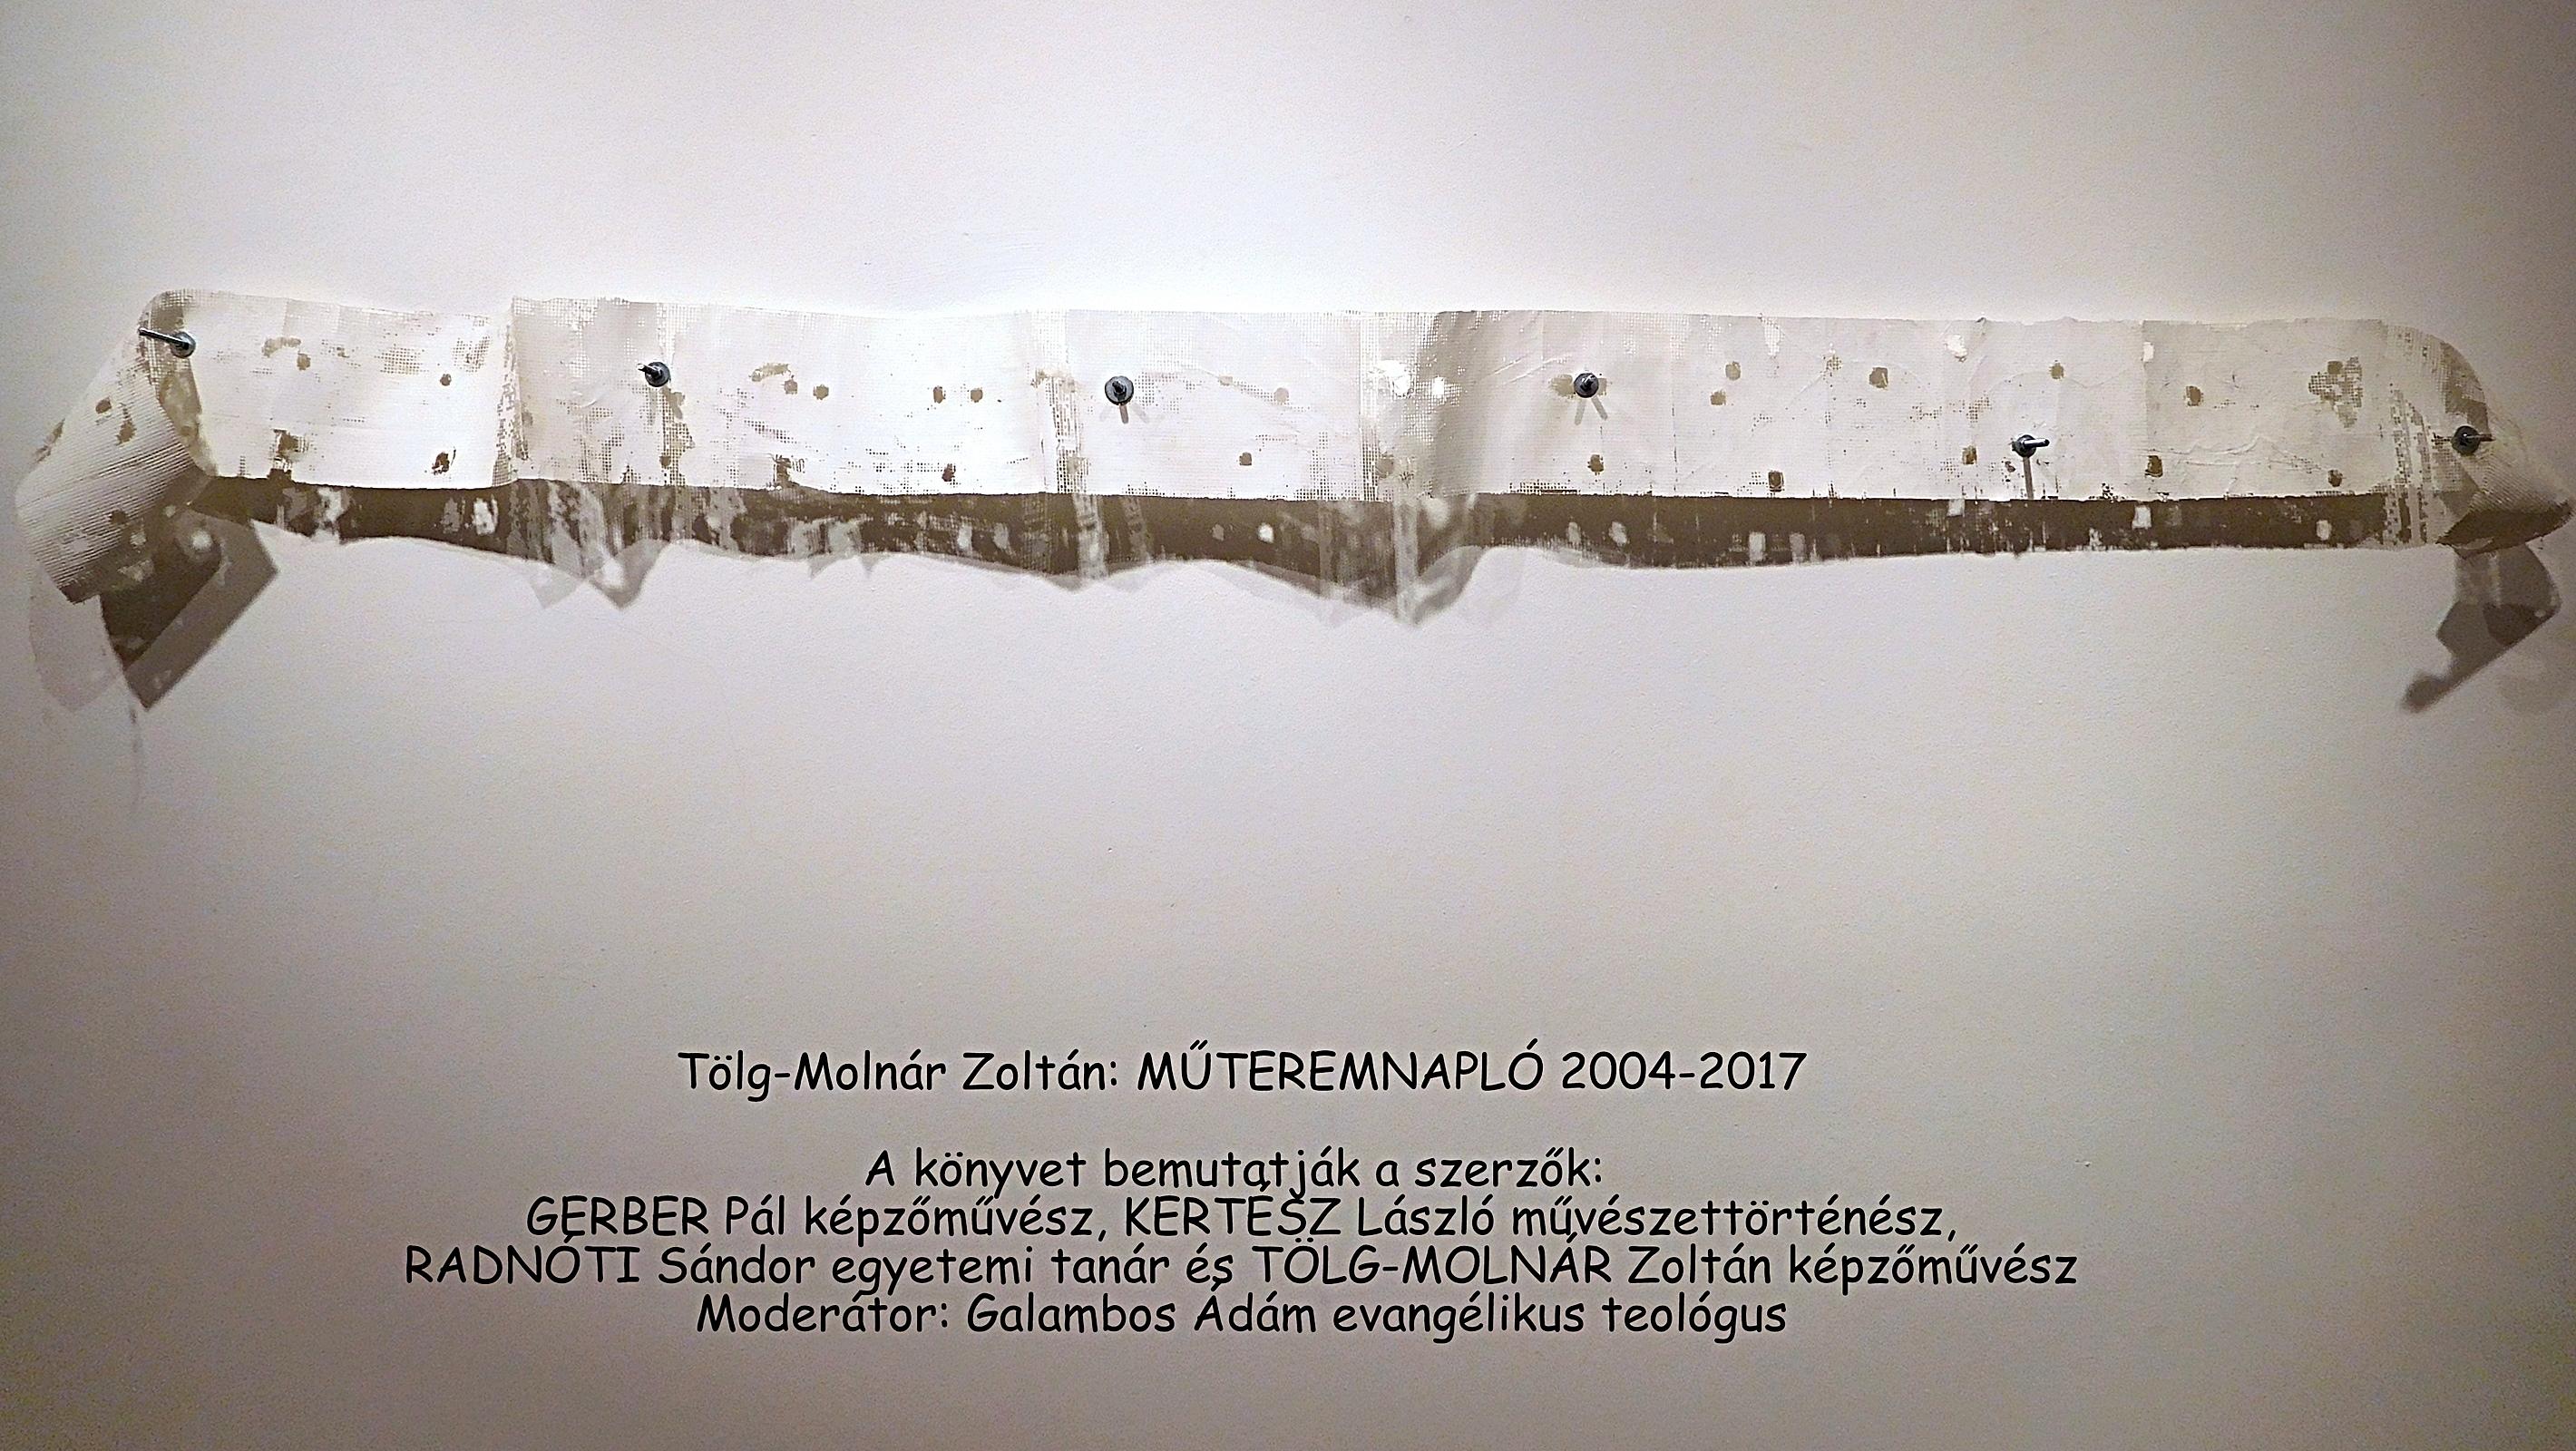 Tölg-Molnár Zoltán: MŰTEREMNAPLÓ 2004-2017